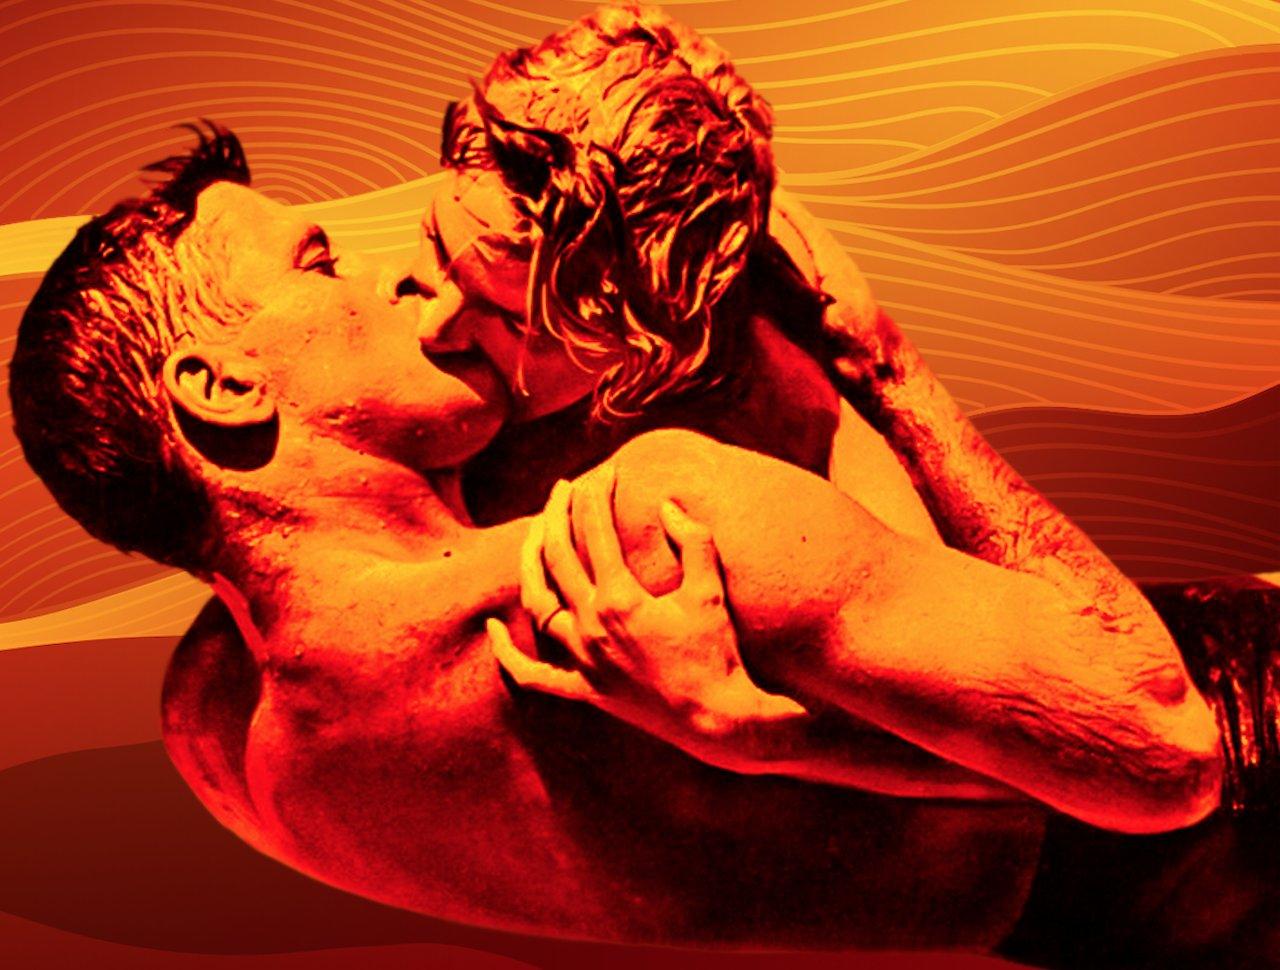 Taormina Film Fest 2021: il manifesto ufficiale della 67ma edizione